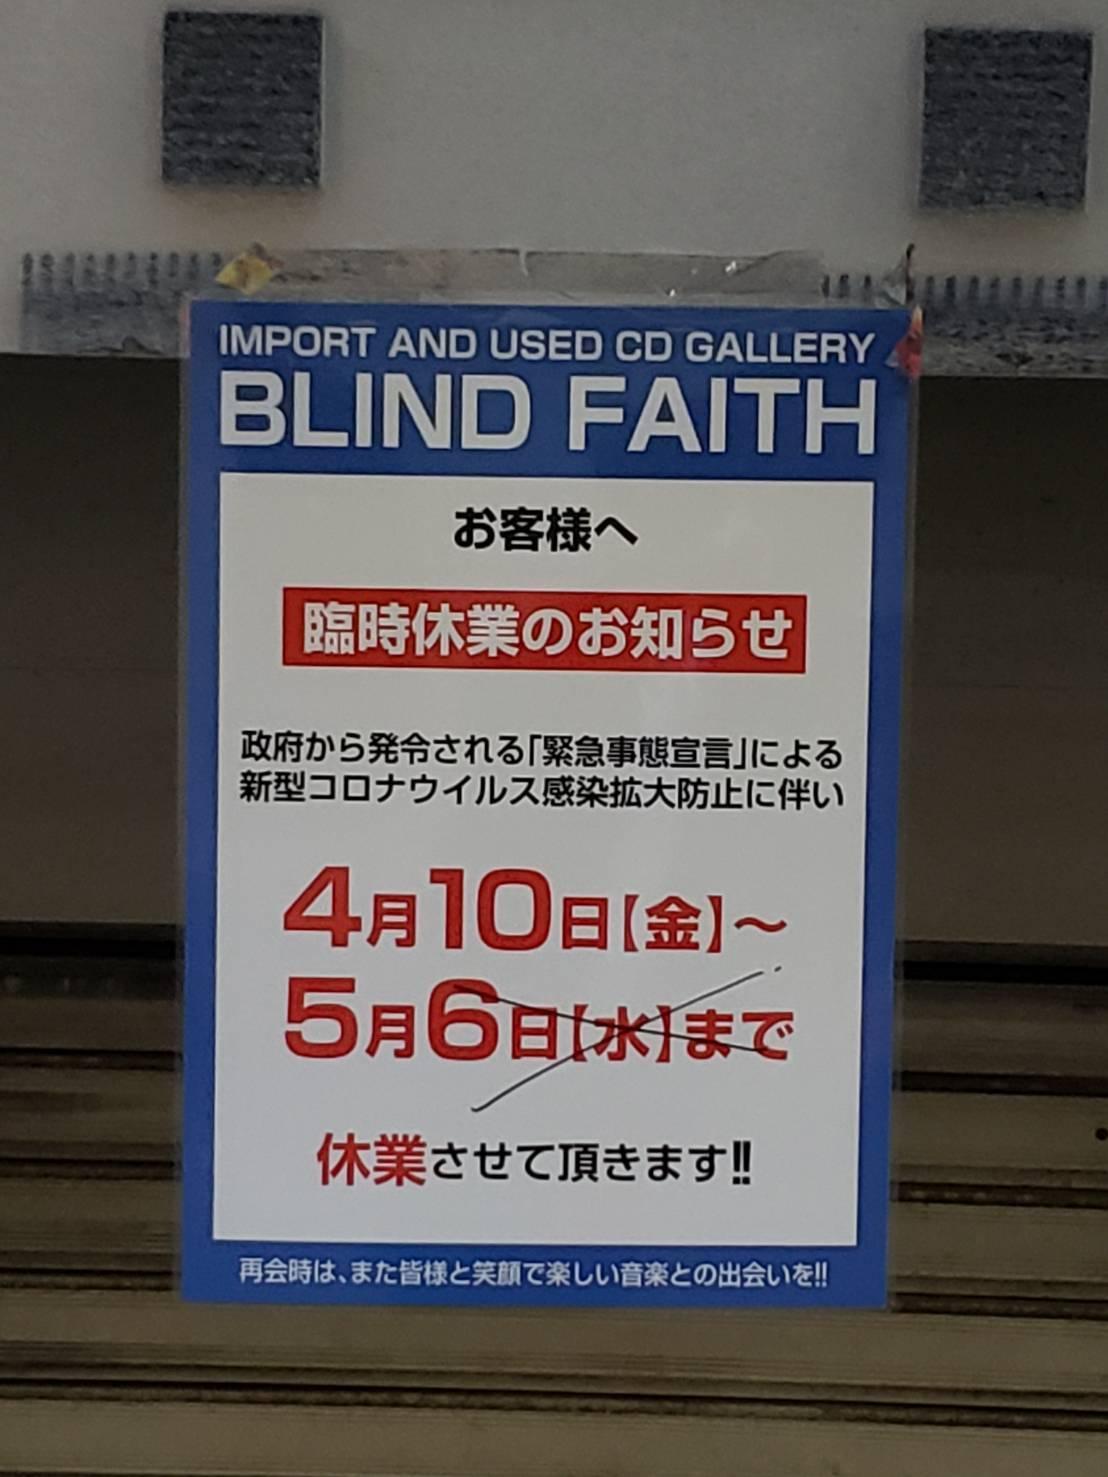 画像提供 信号を渡った本屋さん跡地から見た風景@西新宿_b0042308_02475142.jpg